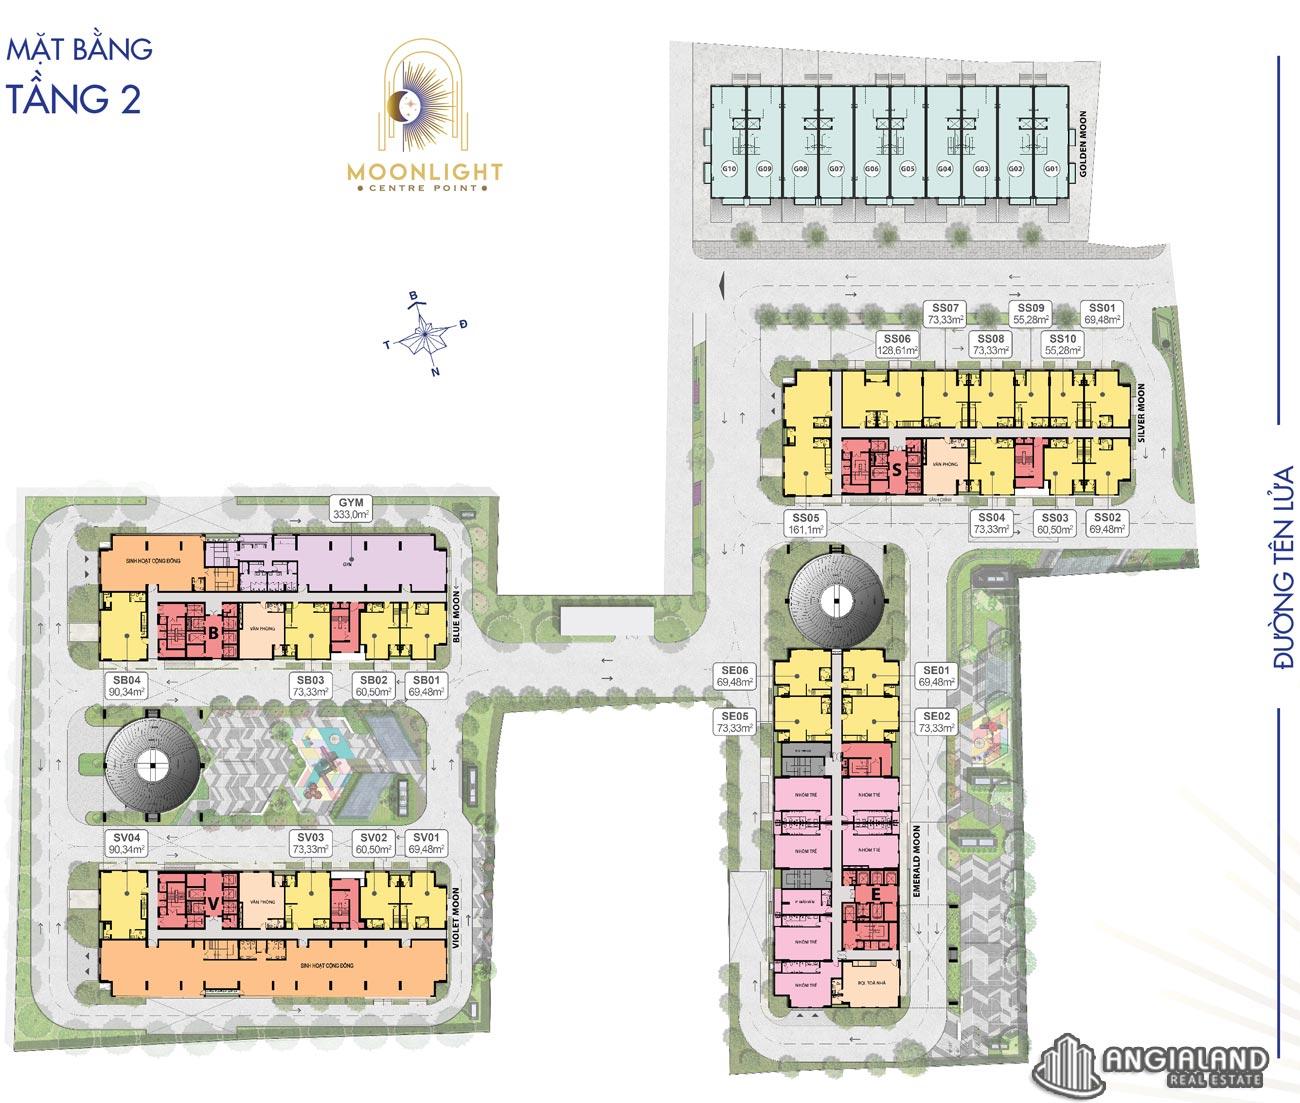 Mặt bằng tầng 02 căn hộ Moonlight Centre Point Hưng Thịnh Q.Bình Tân